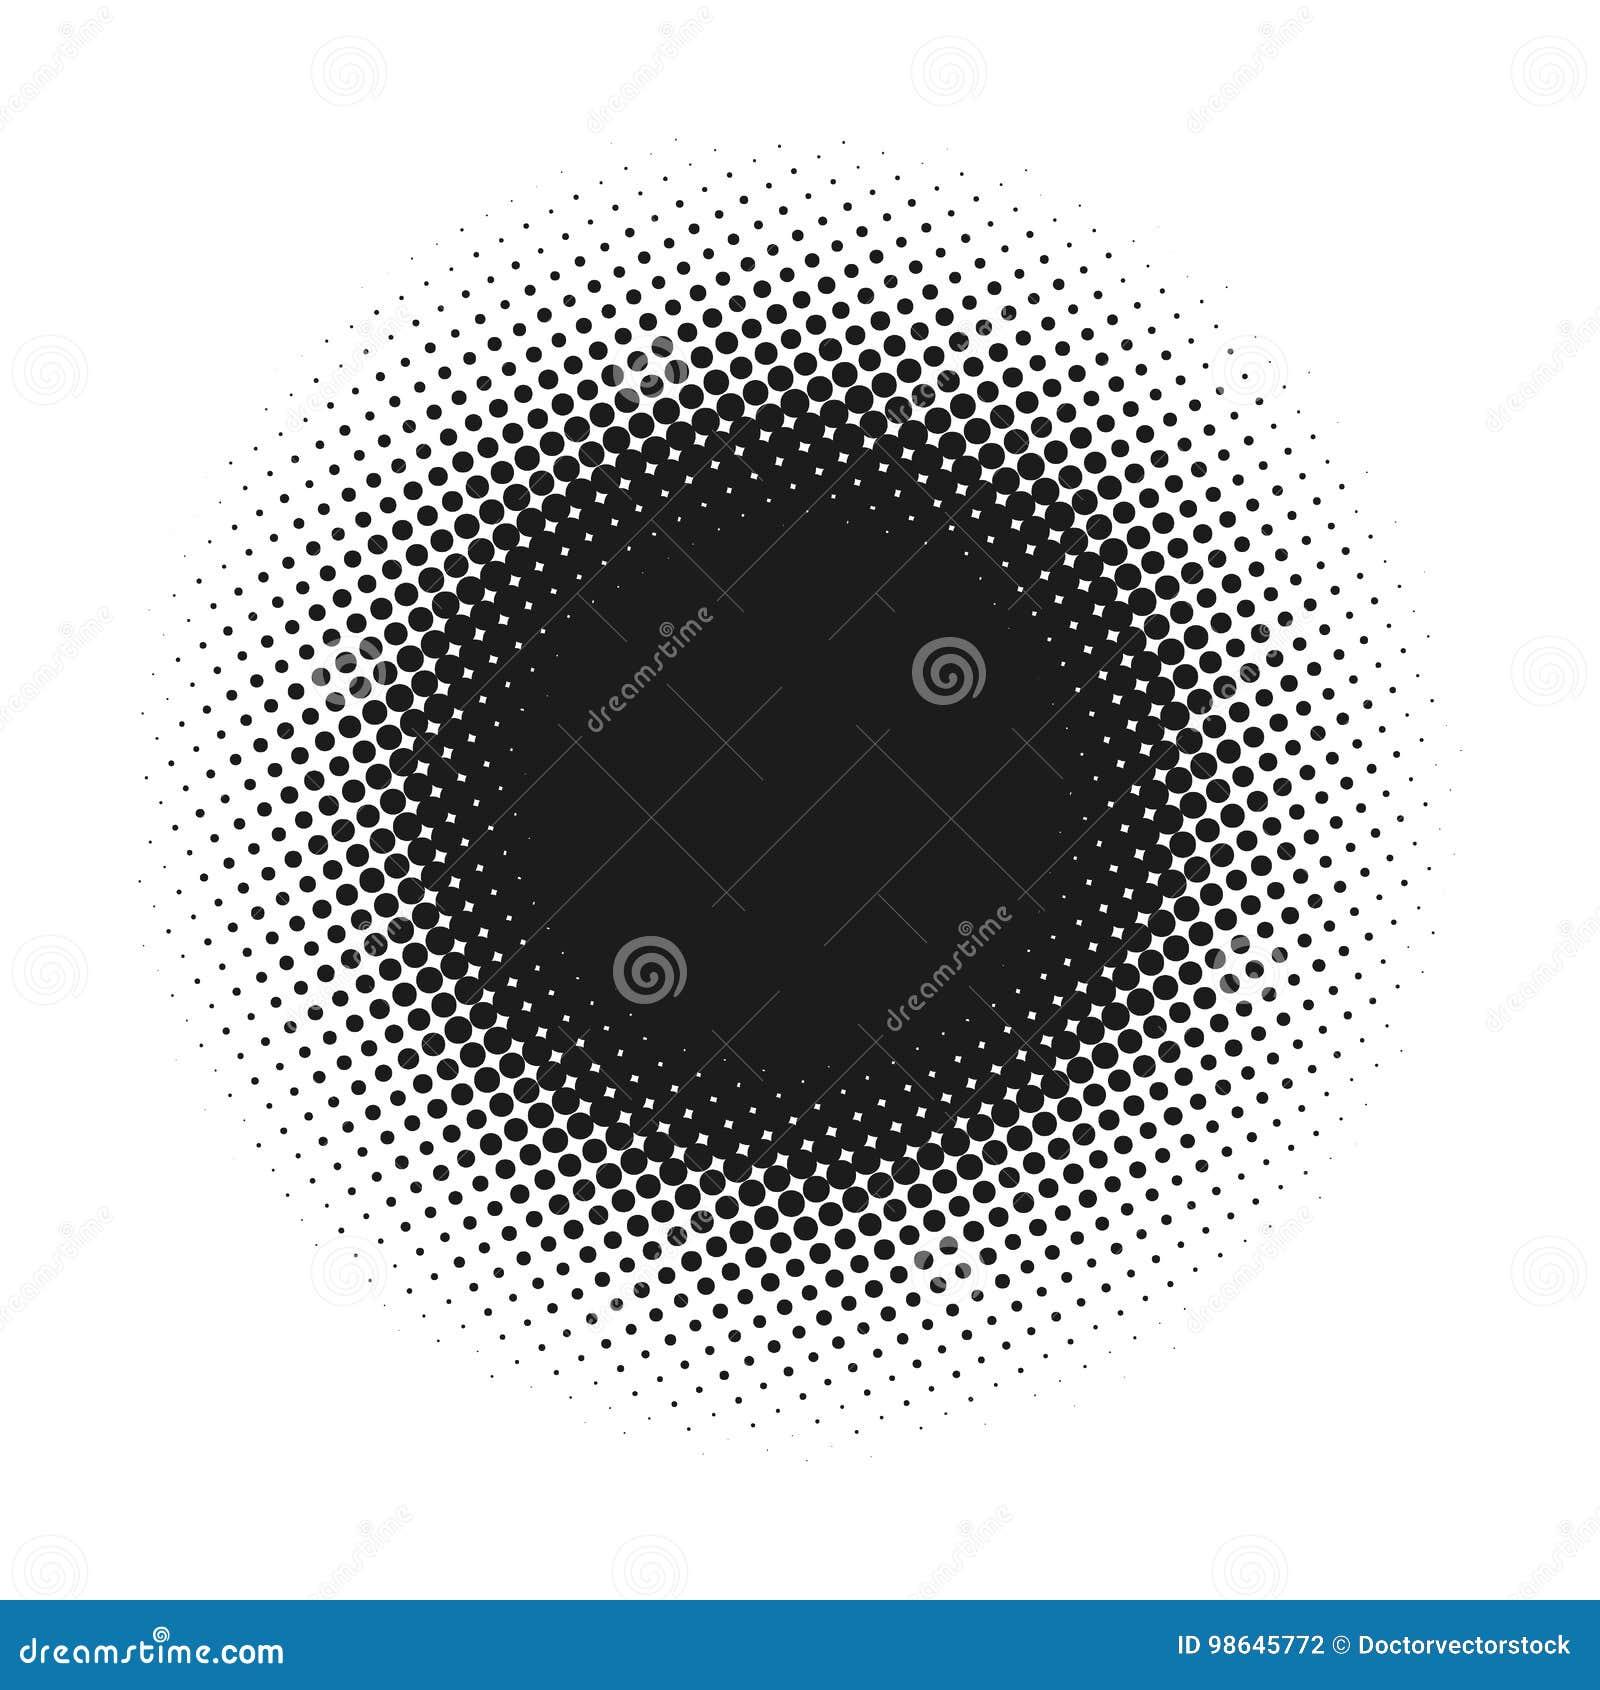 Ημίτονο διαστιγμένο διανυσματικό αφηρημένο υπόβαθρο, σχέδιο σημείων στη μορφή κύκλων Το μαύρο κωμικό έμβλημα απομόνωσε το άσπρο σ